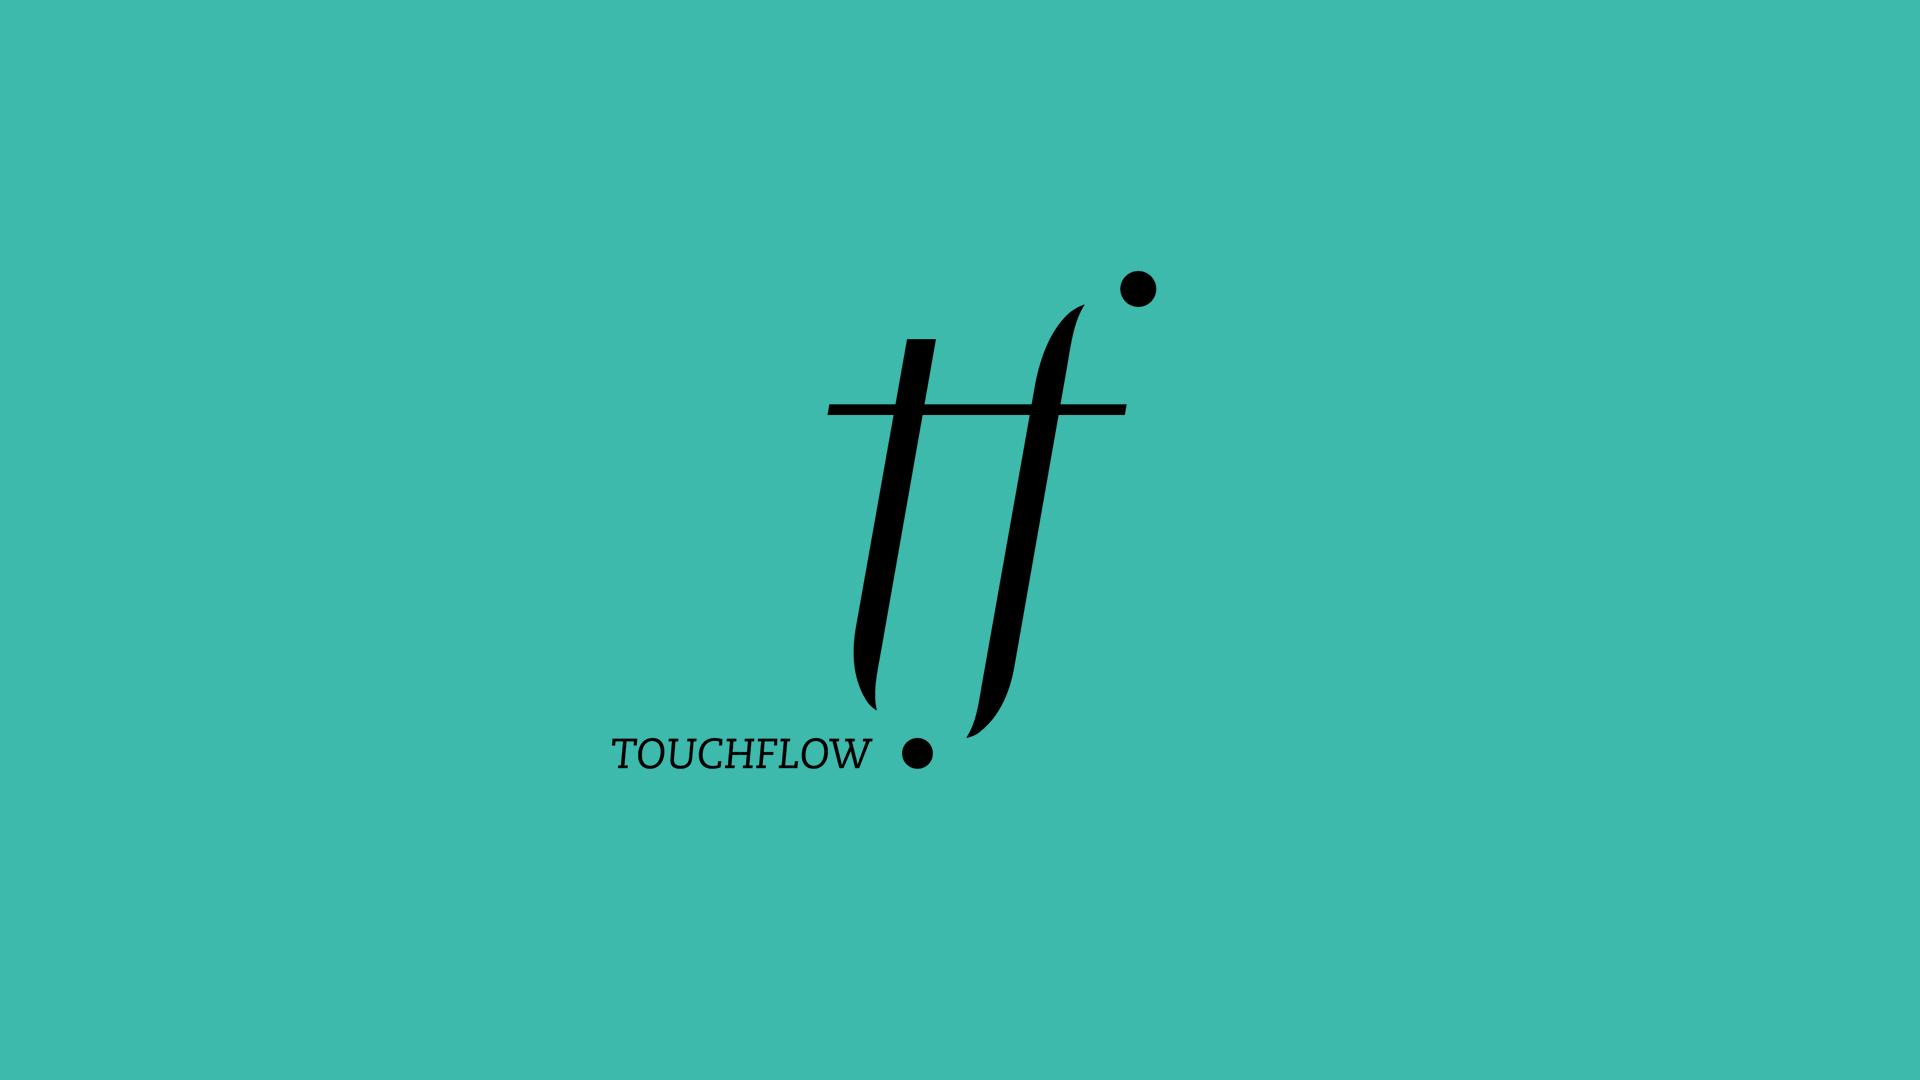 Touchflow_Logo_01